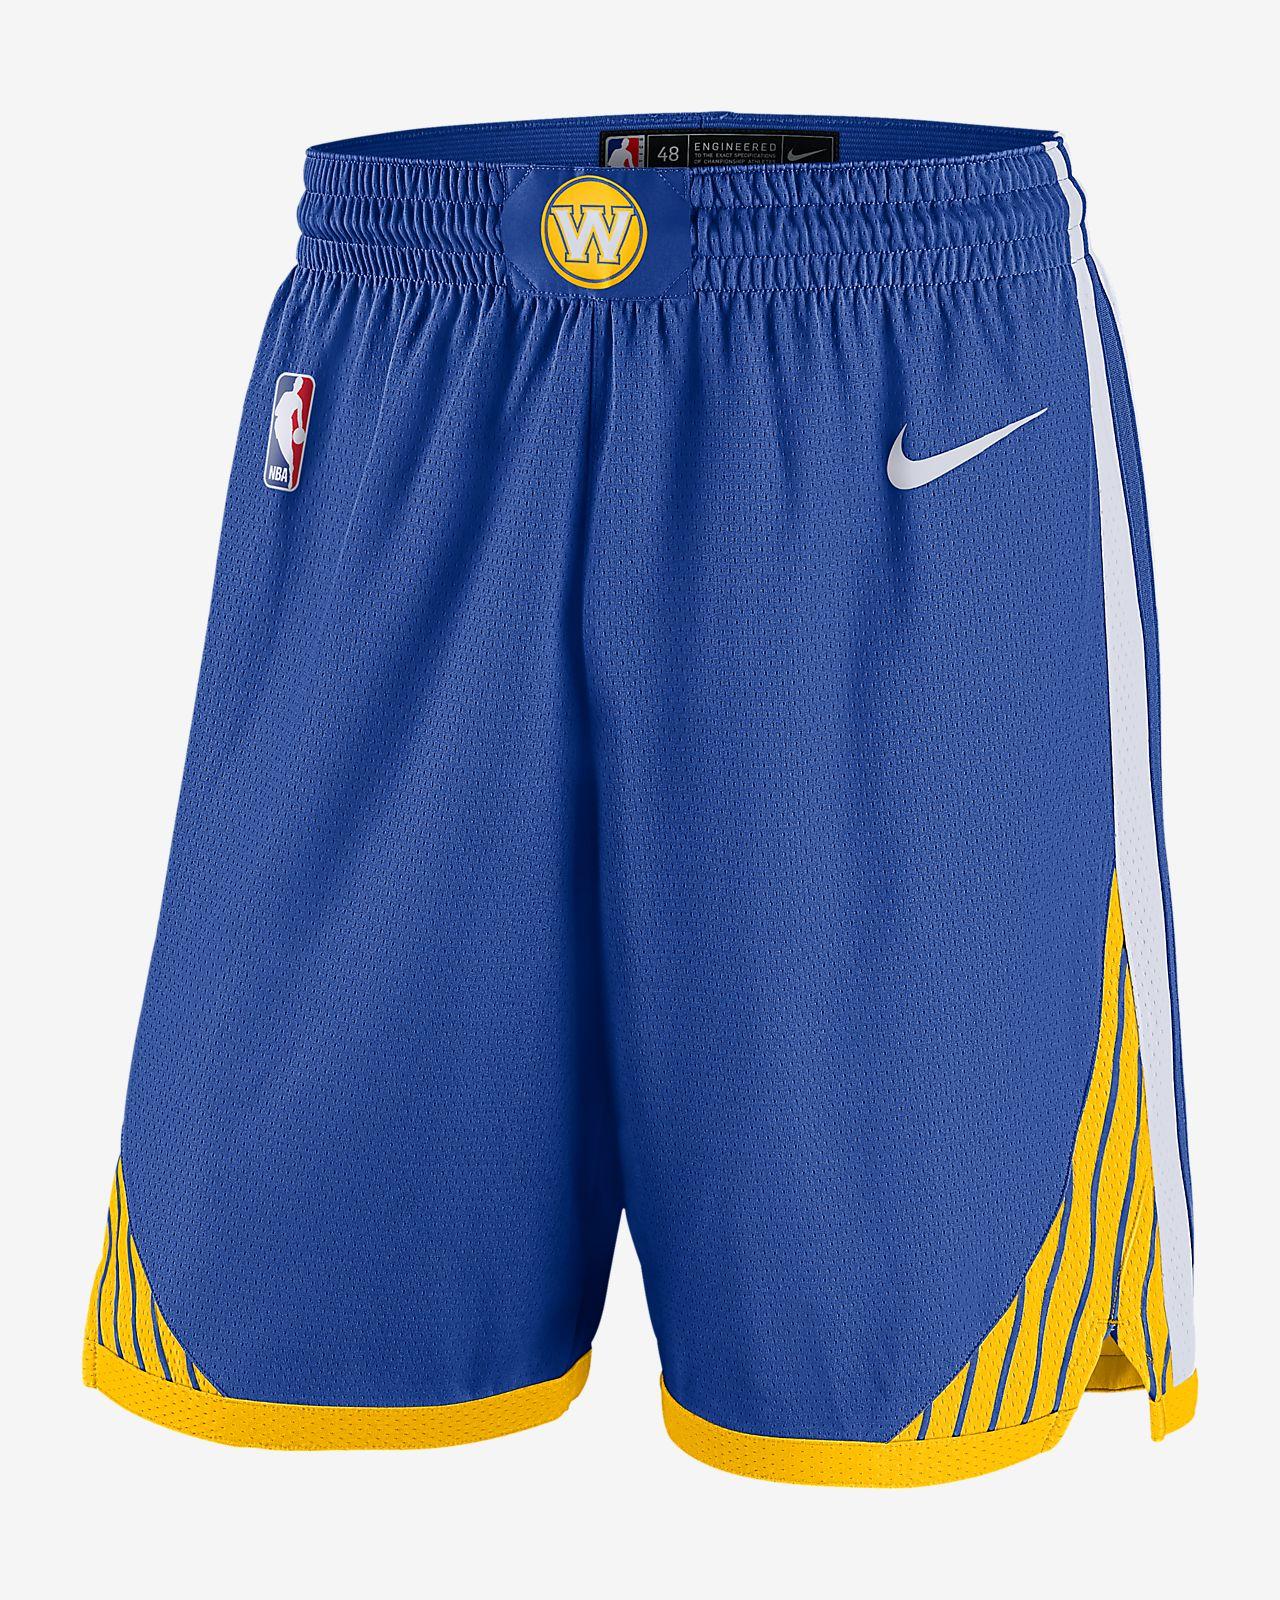 ゴールデンステート ウォリアーズ アイコン エディション スウィングマン メンズ ナイキ NBA ショートパンツ